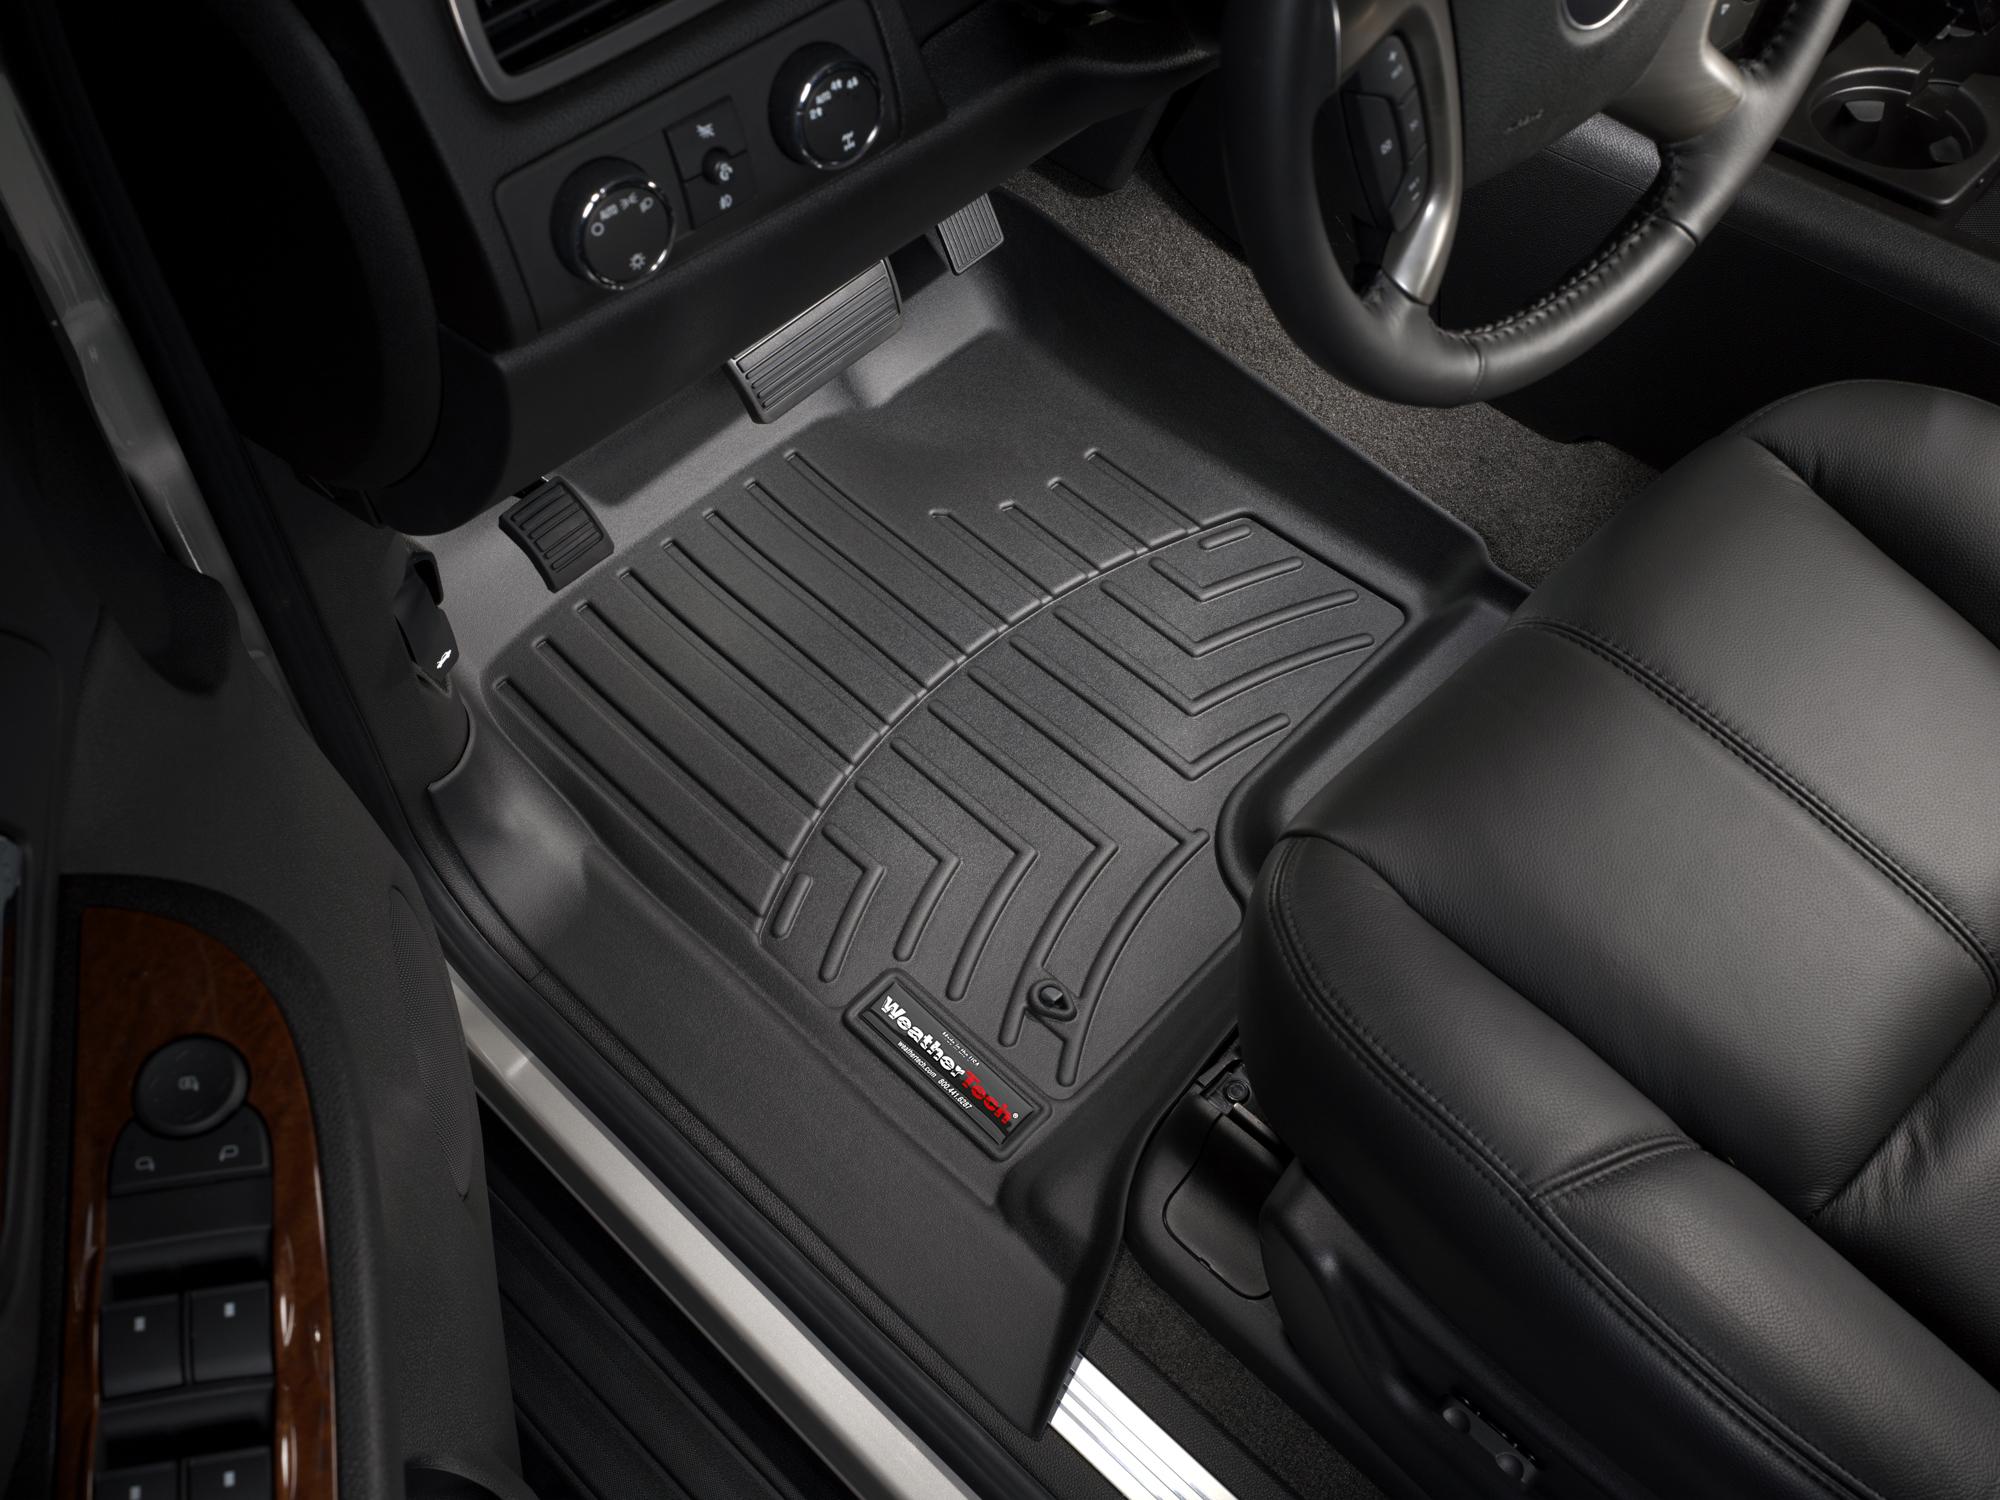 Tappeti gomma su misura bordo alto Chevrolet Avalanche 07>13 Nero A97*